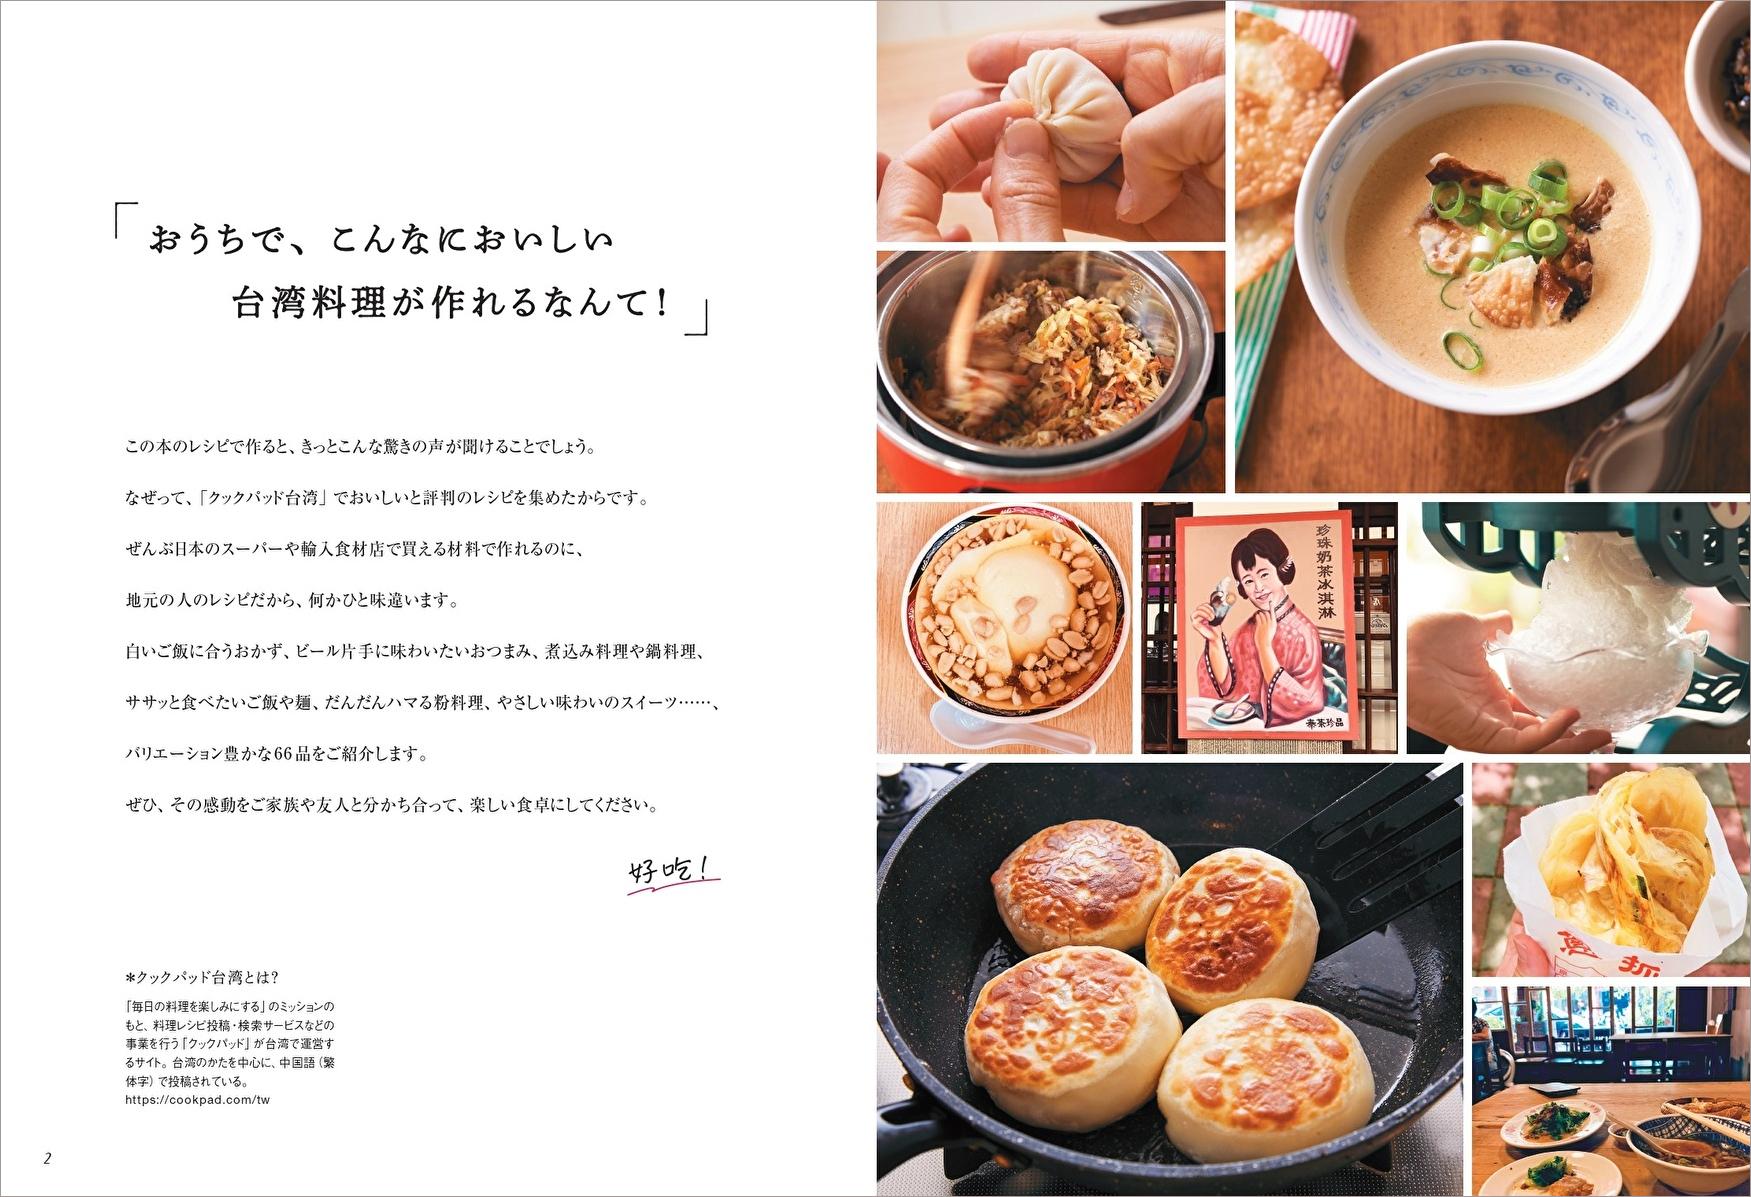 画像は『おいしい台湾レシピ』(世界文化社)より